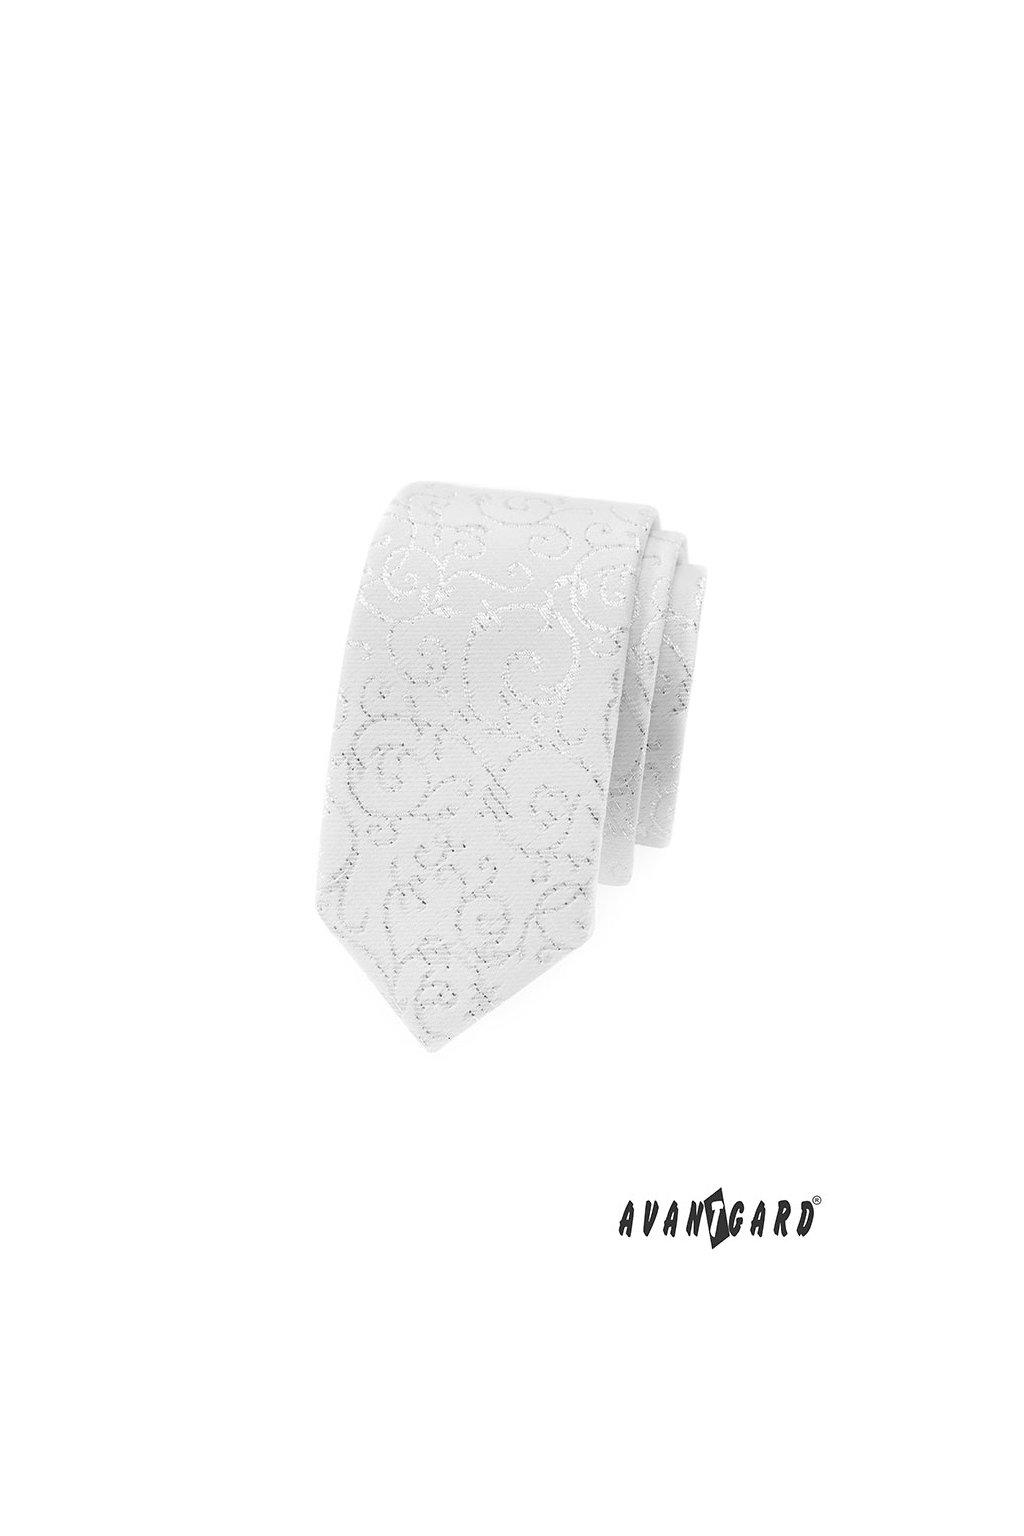 Bílá luxusní úzká kravata 571 - 9350